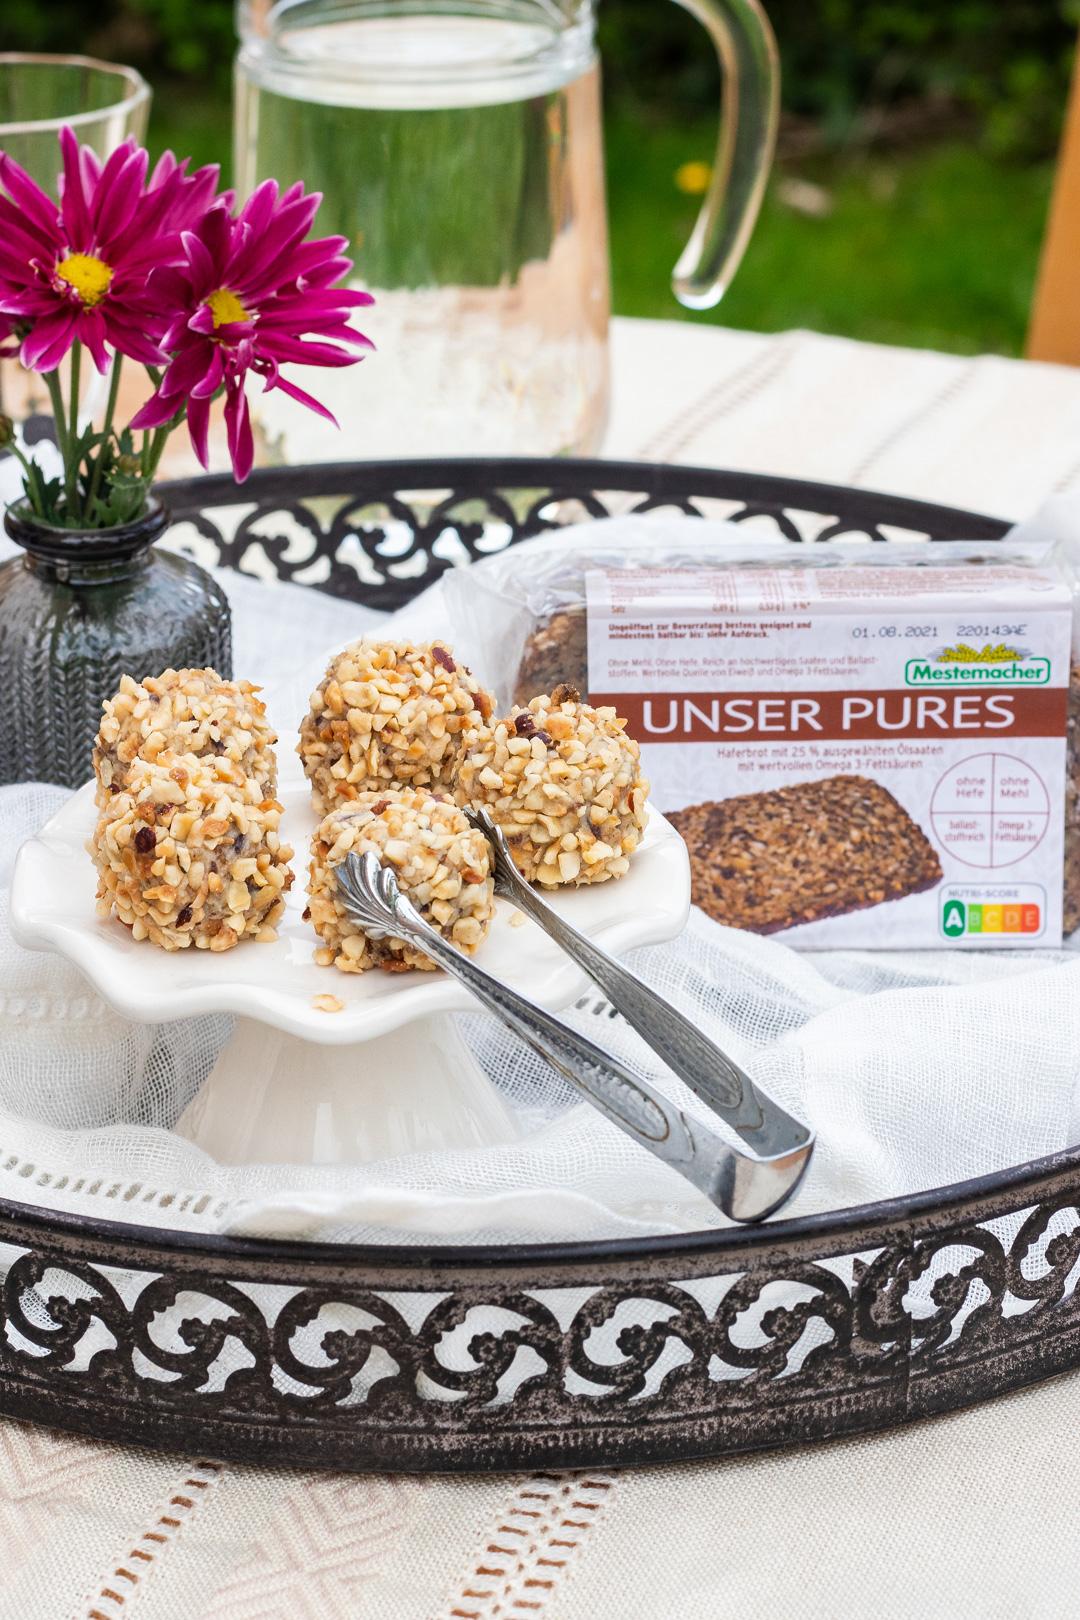 Kokospralinen-mit-Unser-Pures